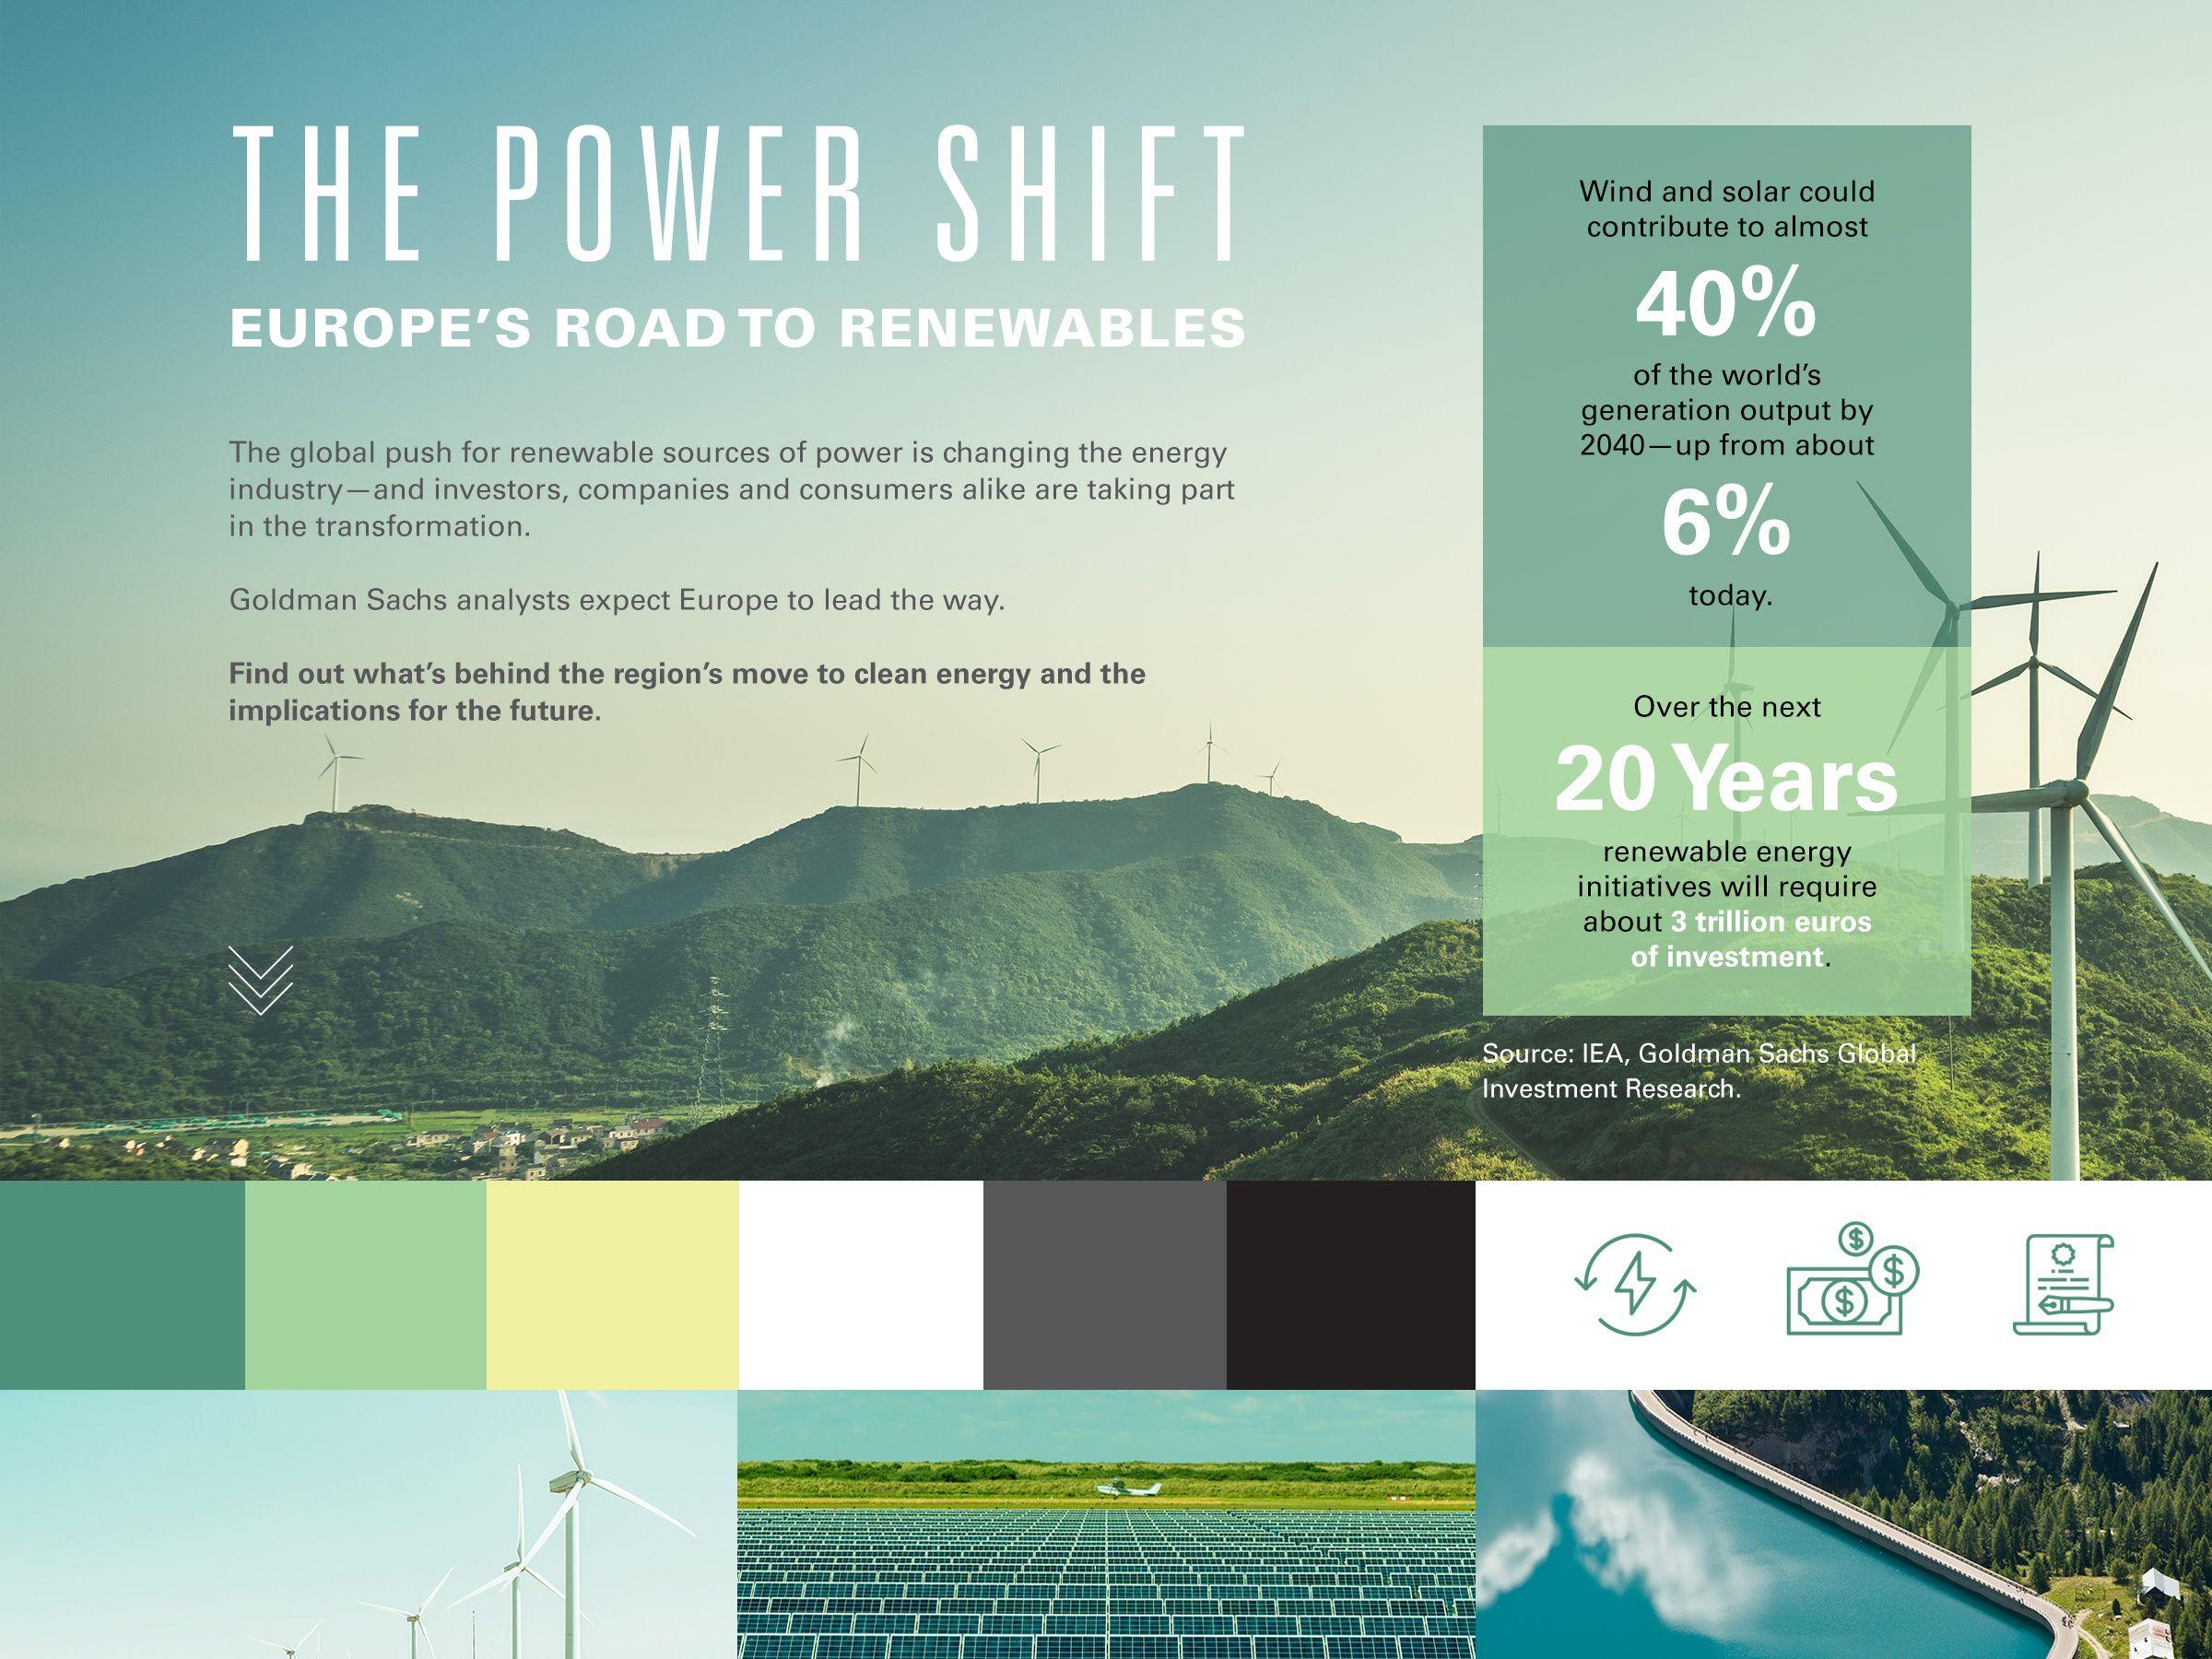 Stylescape Graphic Design: Dribbble, Renewable Sources